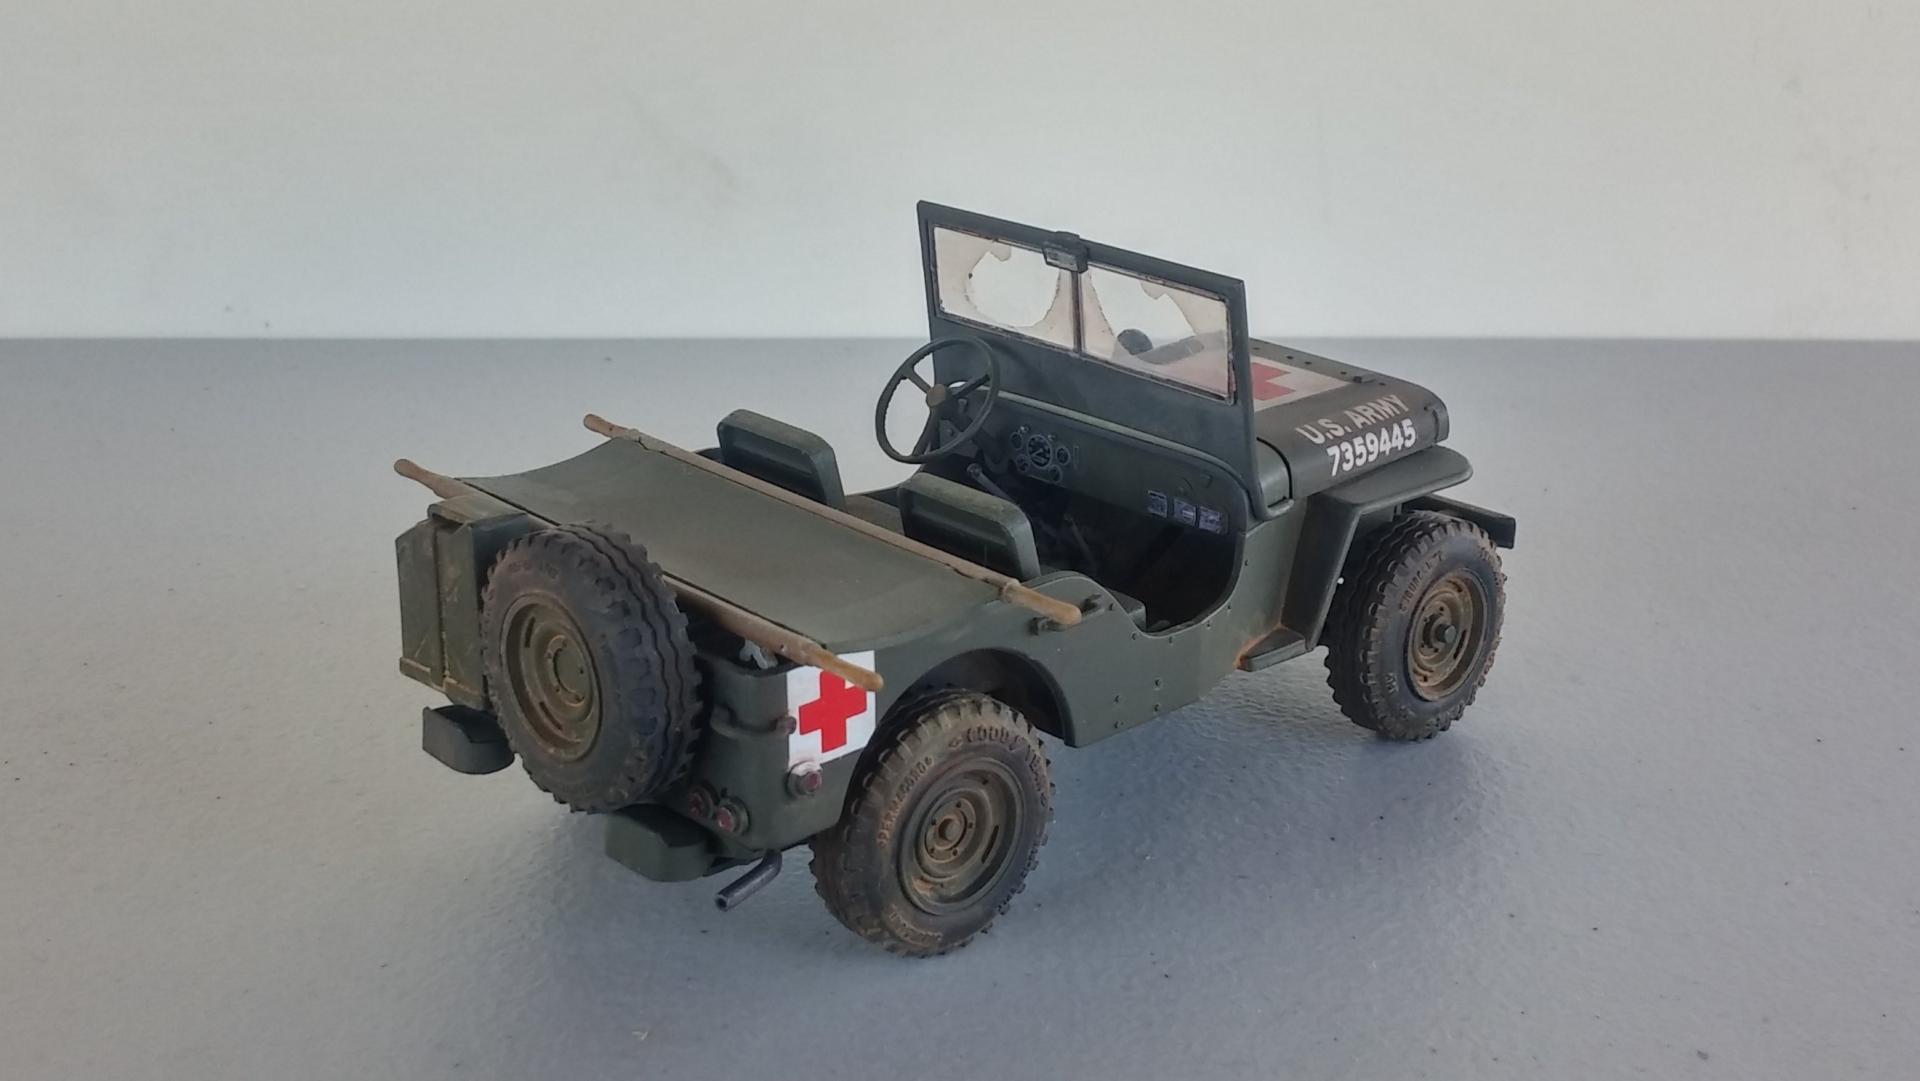 WW_II_Jeep_11.thumb.jpg.cbf97054af97a0de11fda2b144c56323.jpg